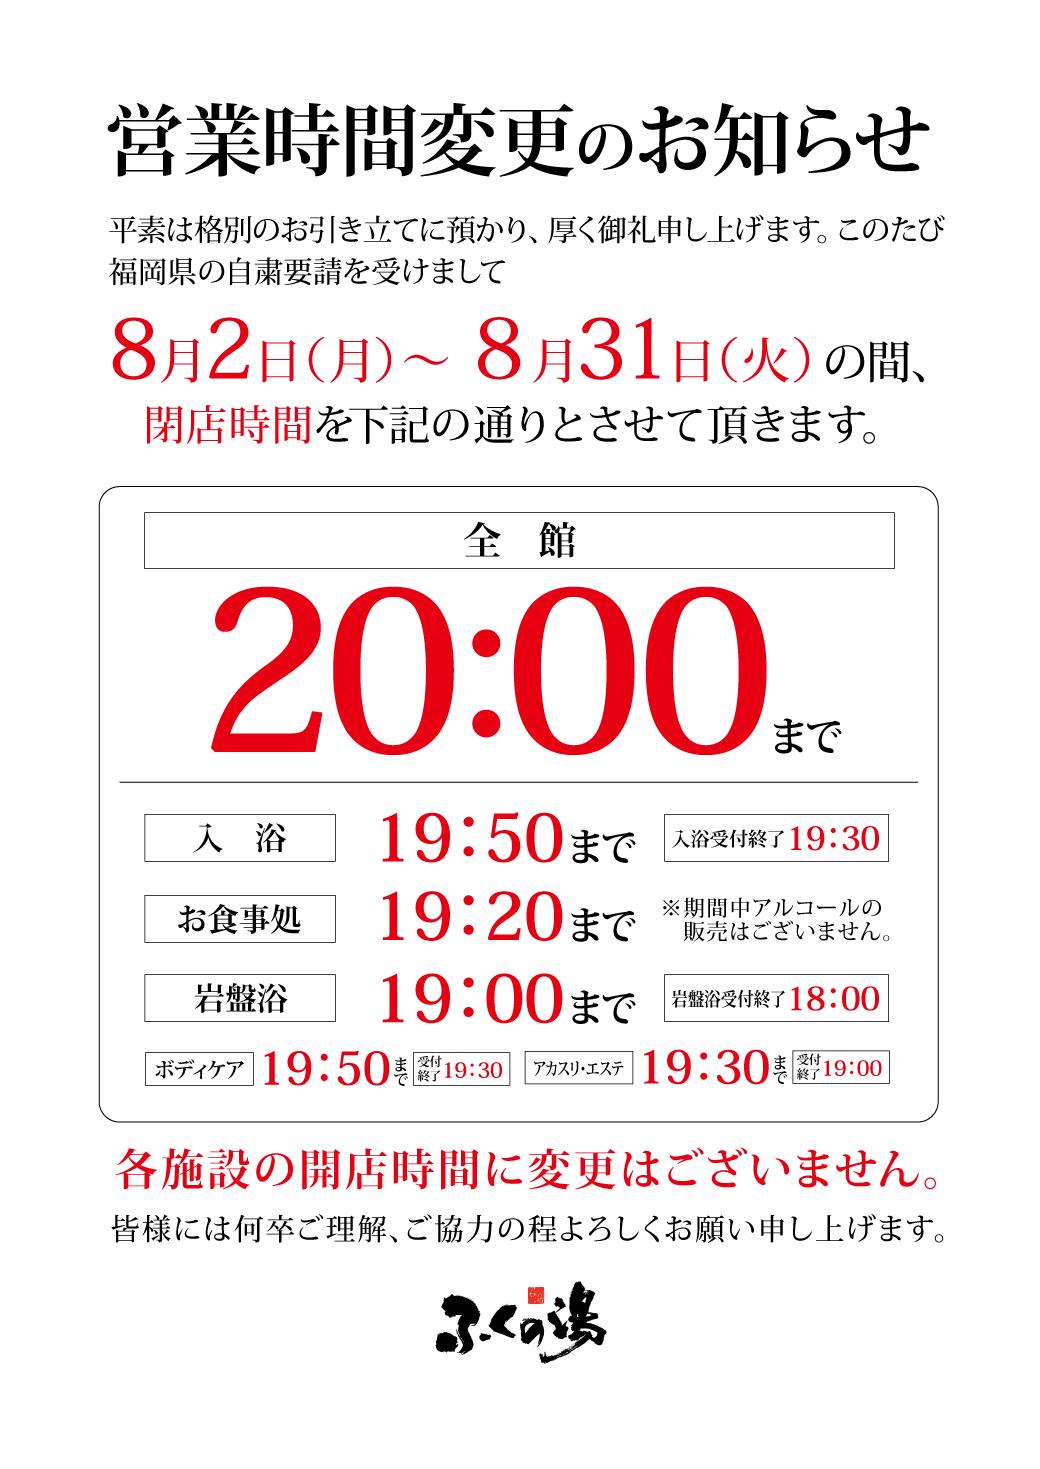 【8/2~8/31】営業時間の変更のお知らせ